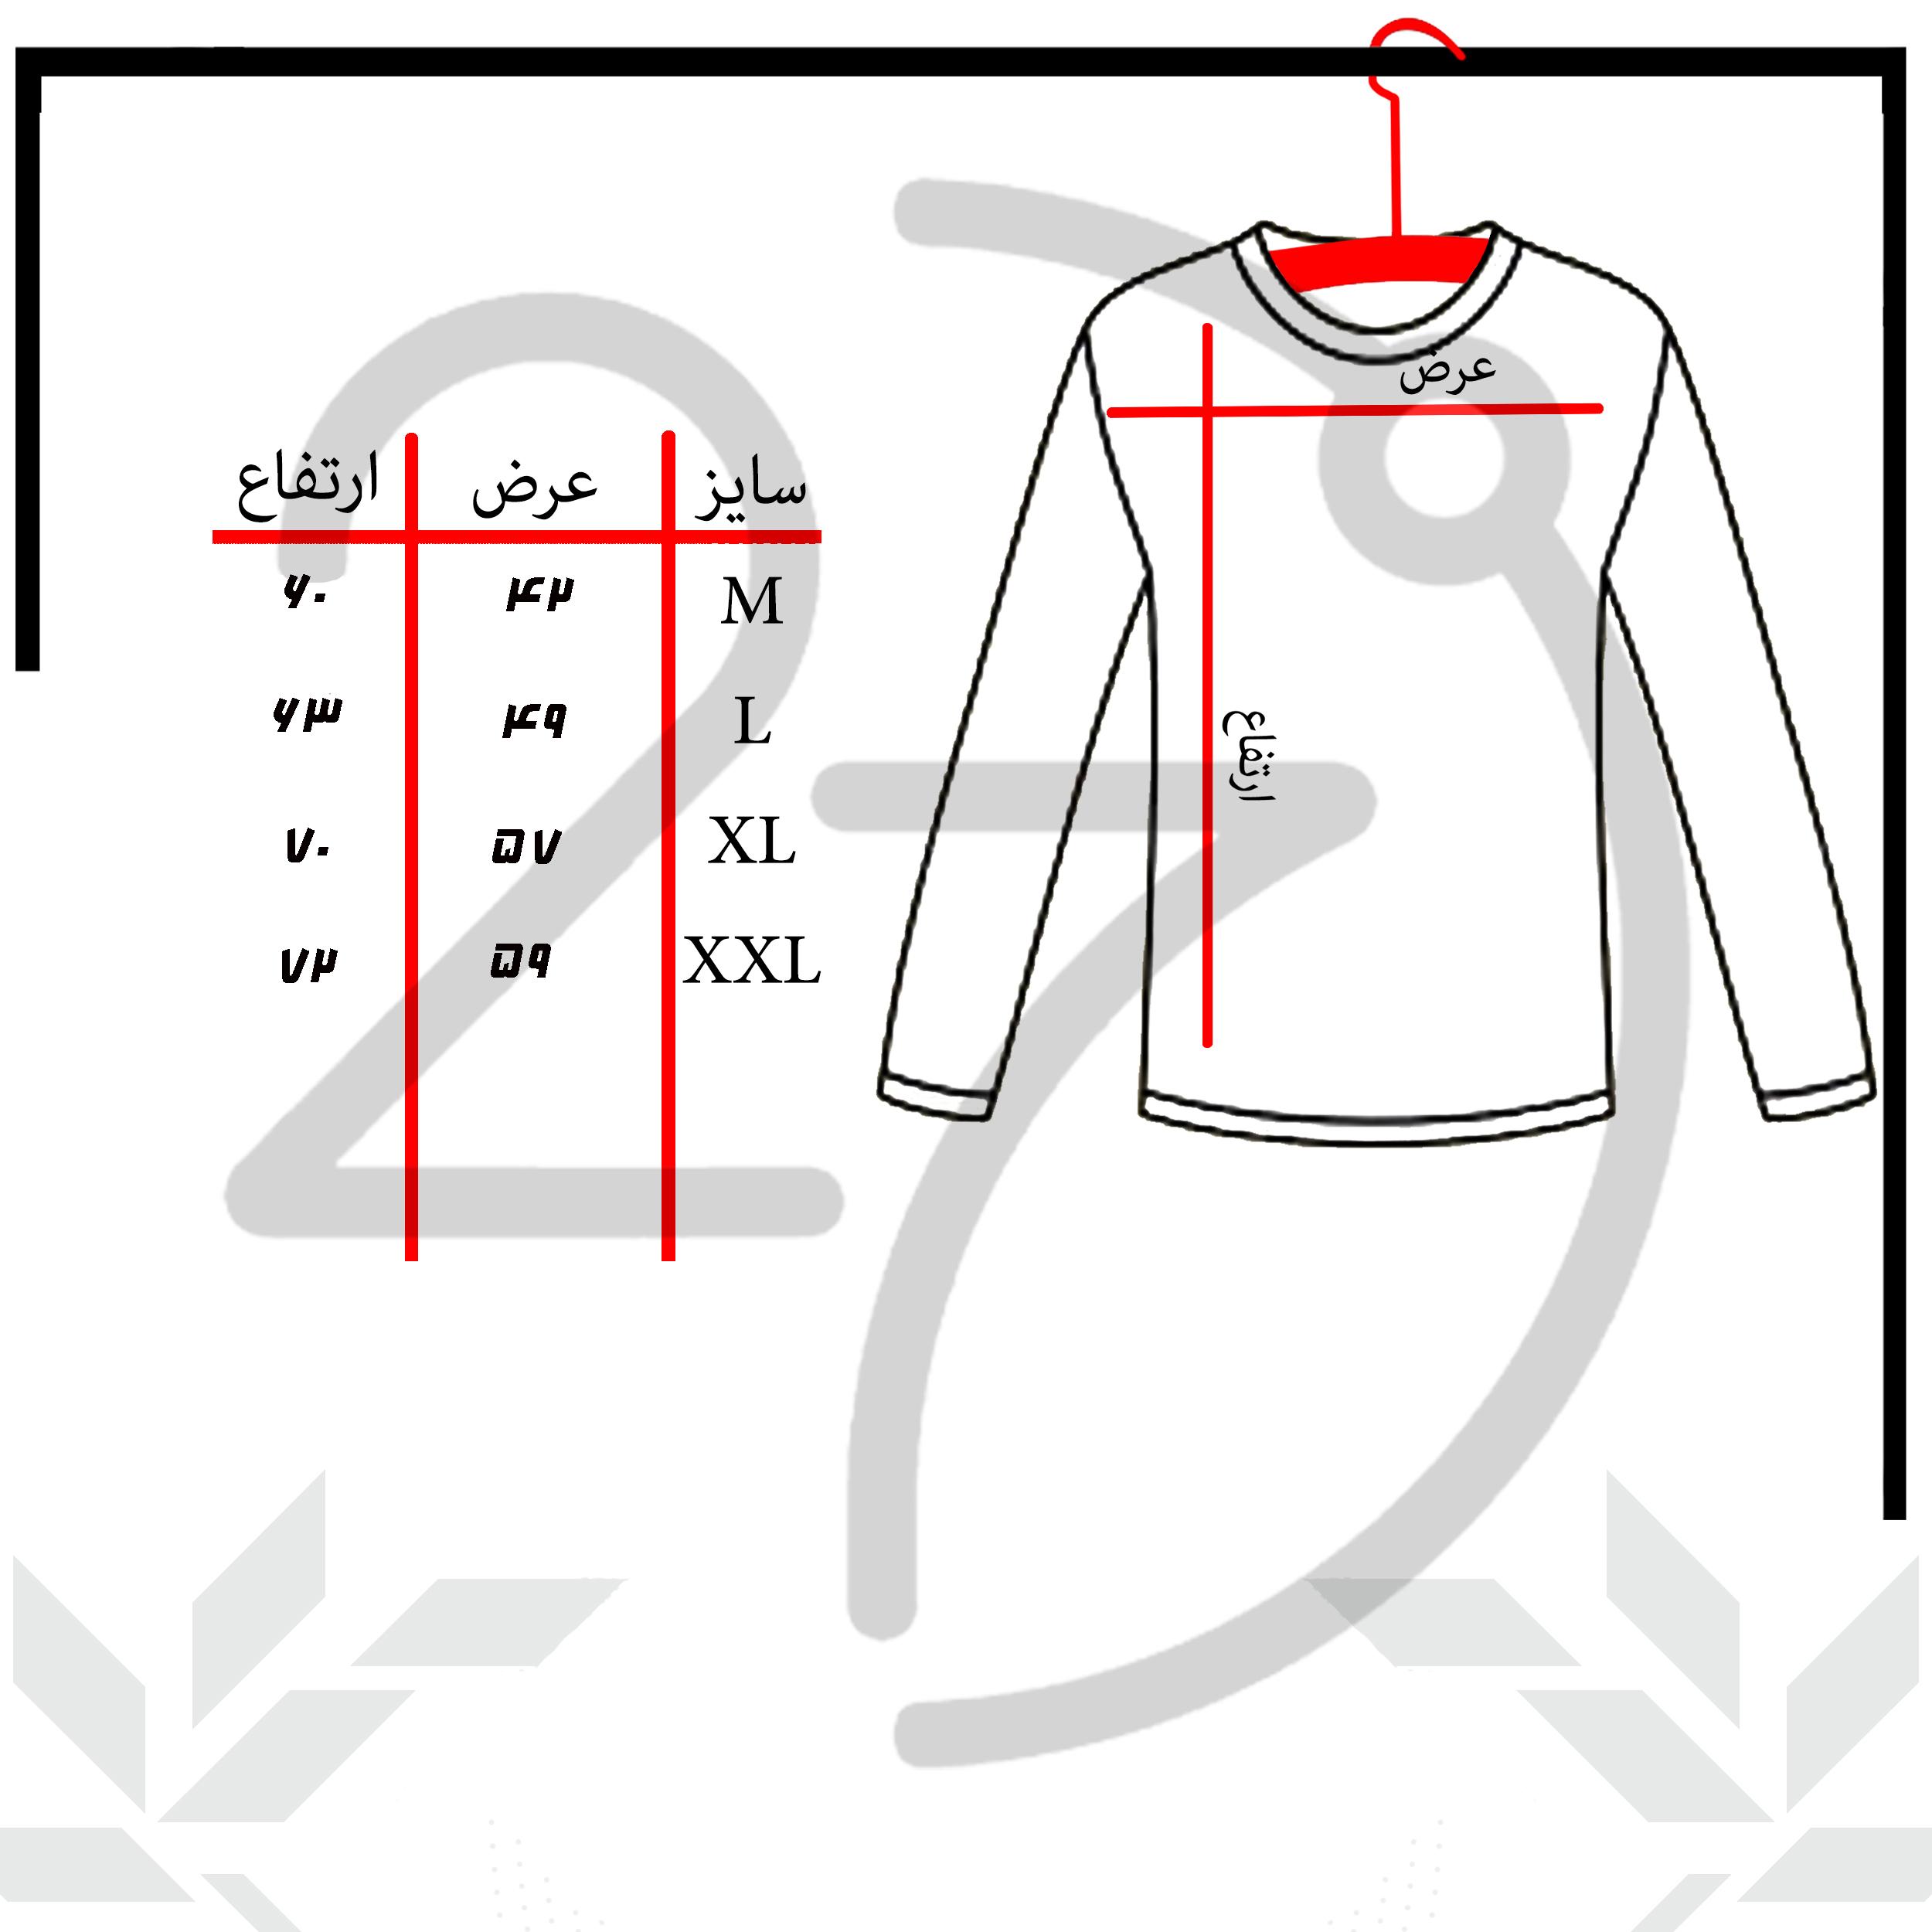 تی شرت آستین بلند زنانه 27 مدل دختر پاییز کد B109